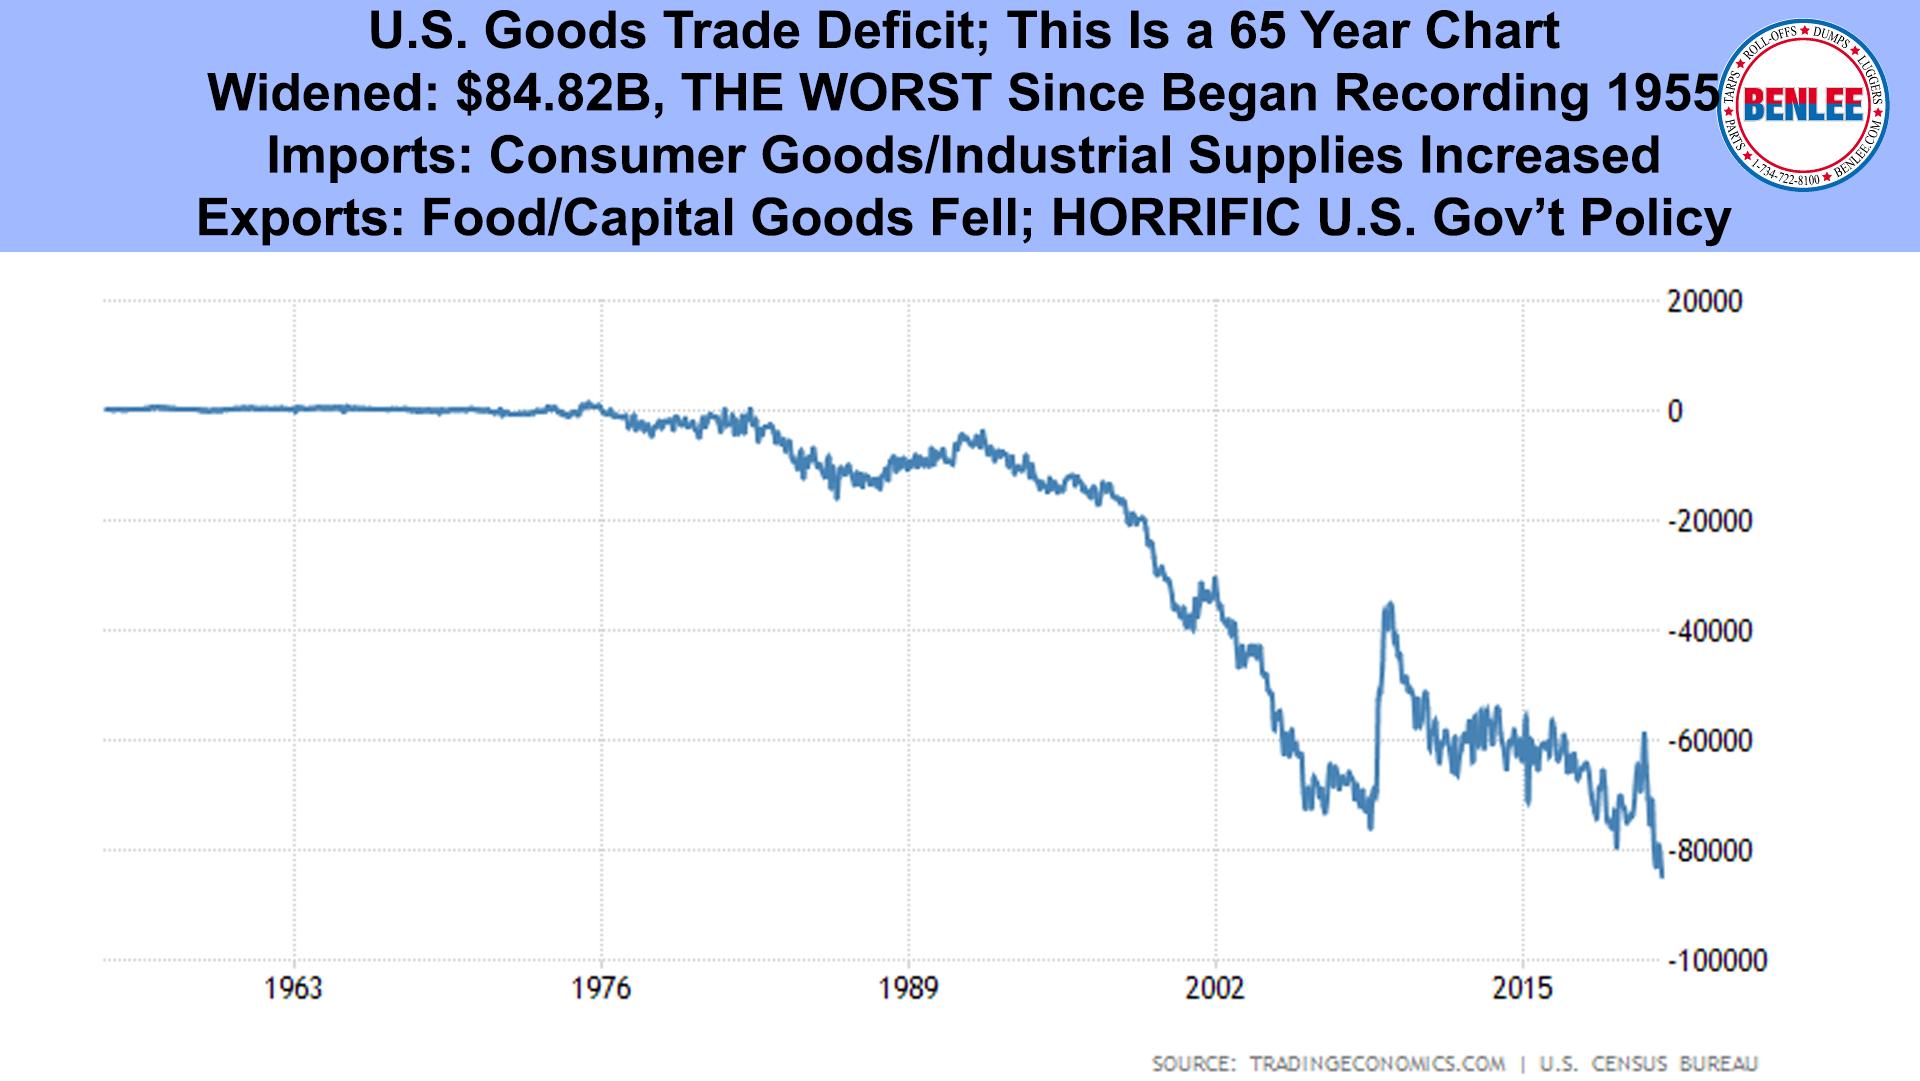 U.S. Goods Trade Deficit